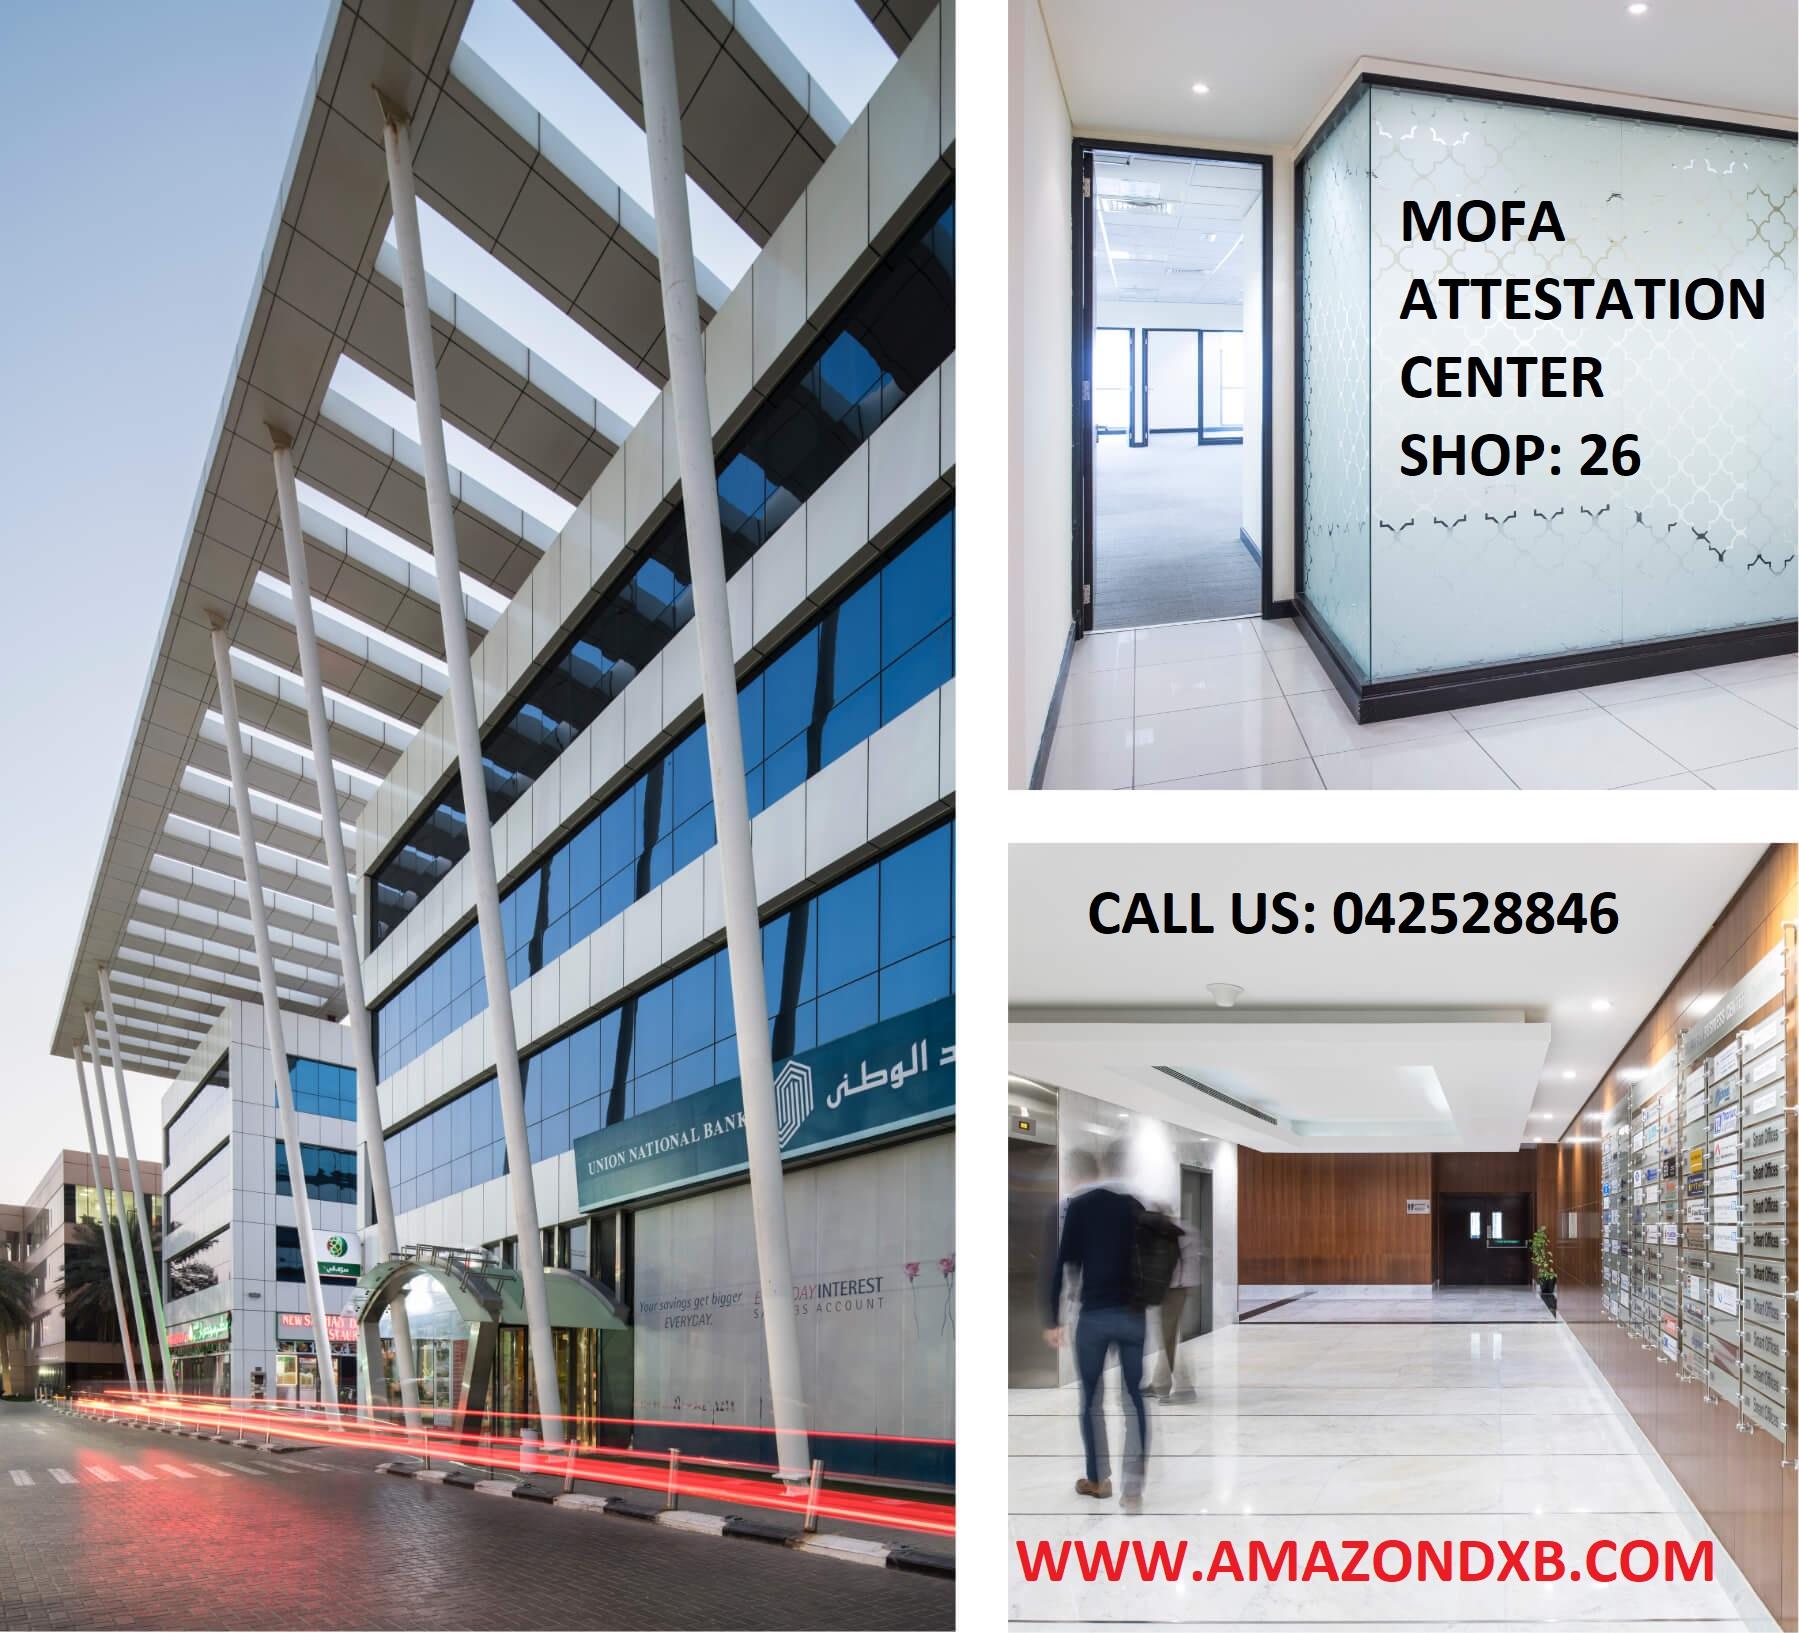 MOFA ATTESTATION CENTER.jpg